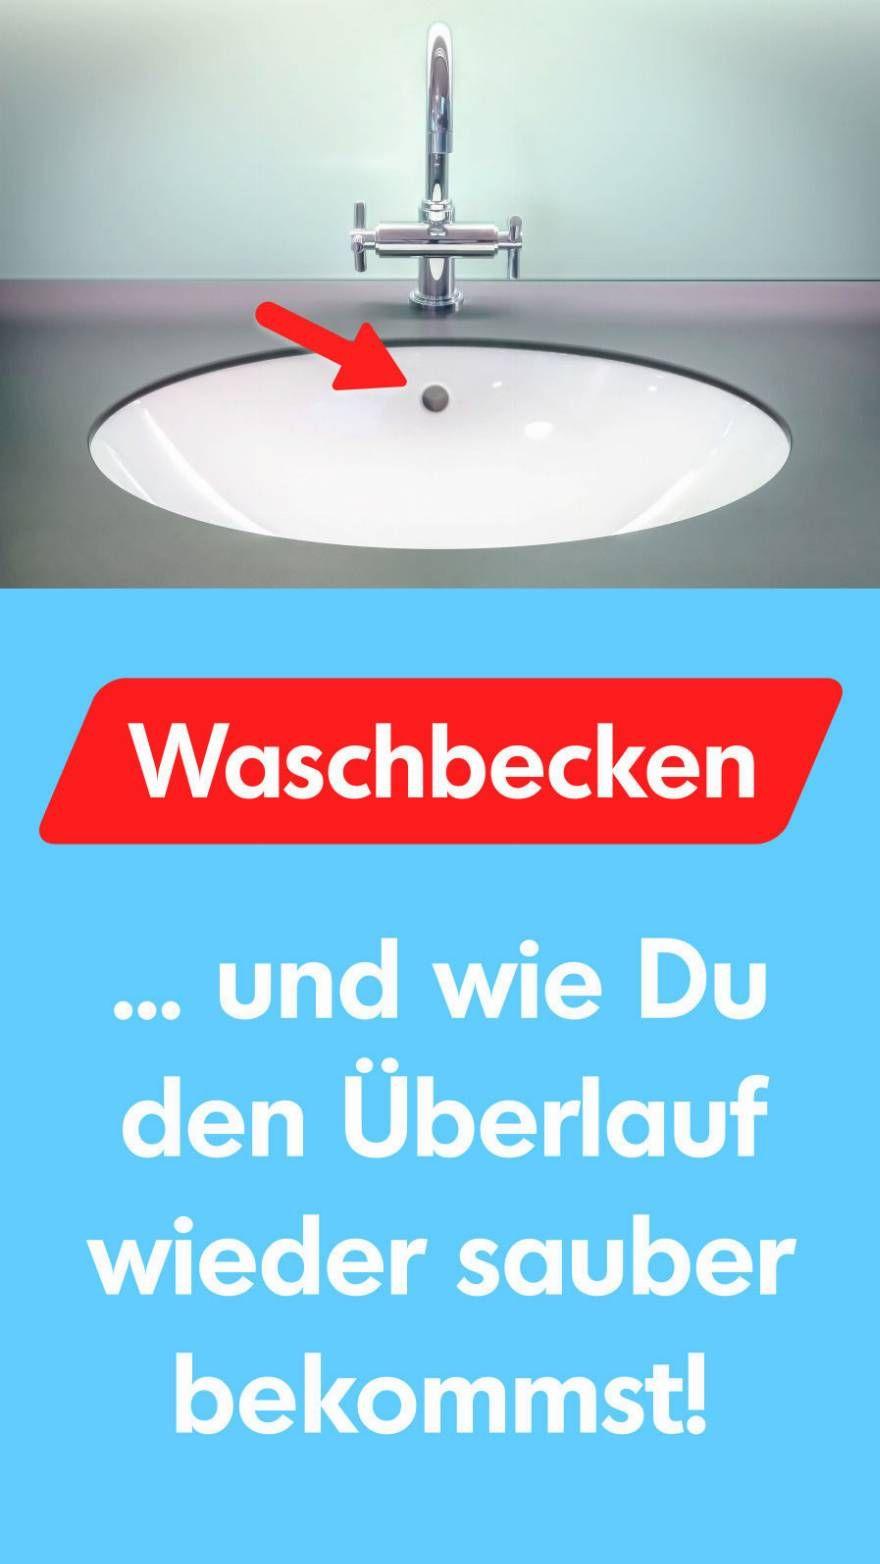 Waschbecken Uberlauf Reinigen Tipps Ticks Waschbecken Badezimmer Putzen Tipps Und Hausreinigungs Tipps